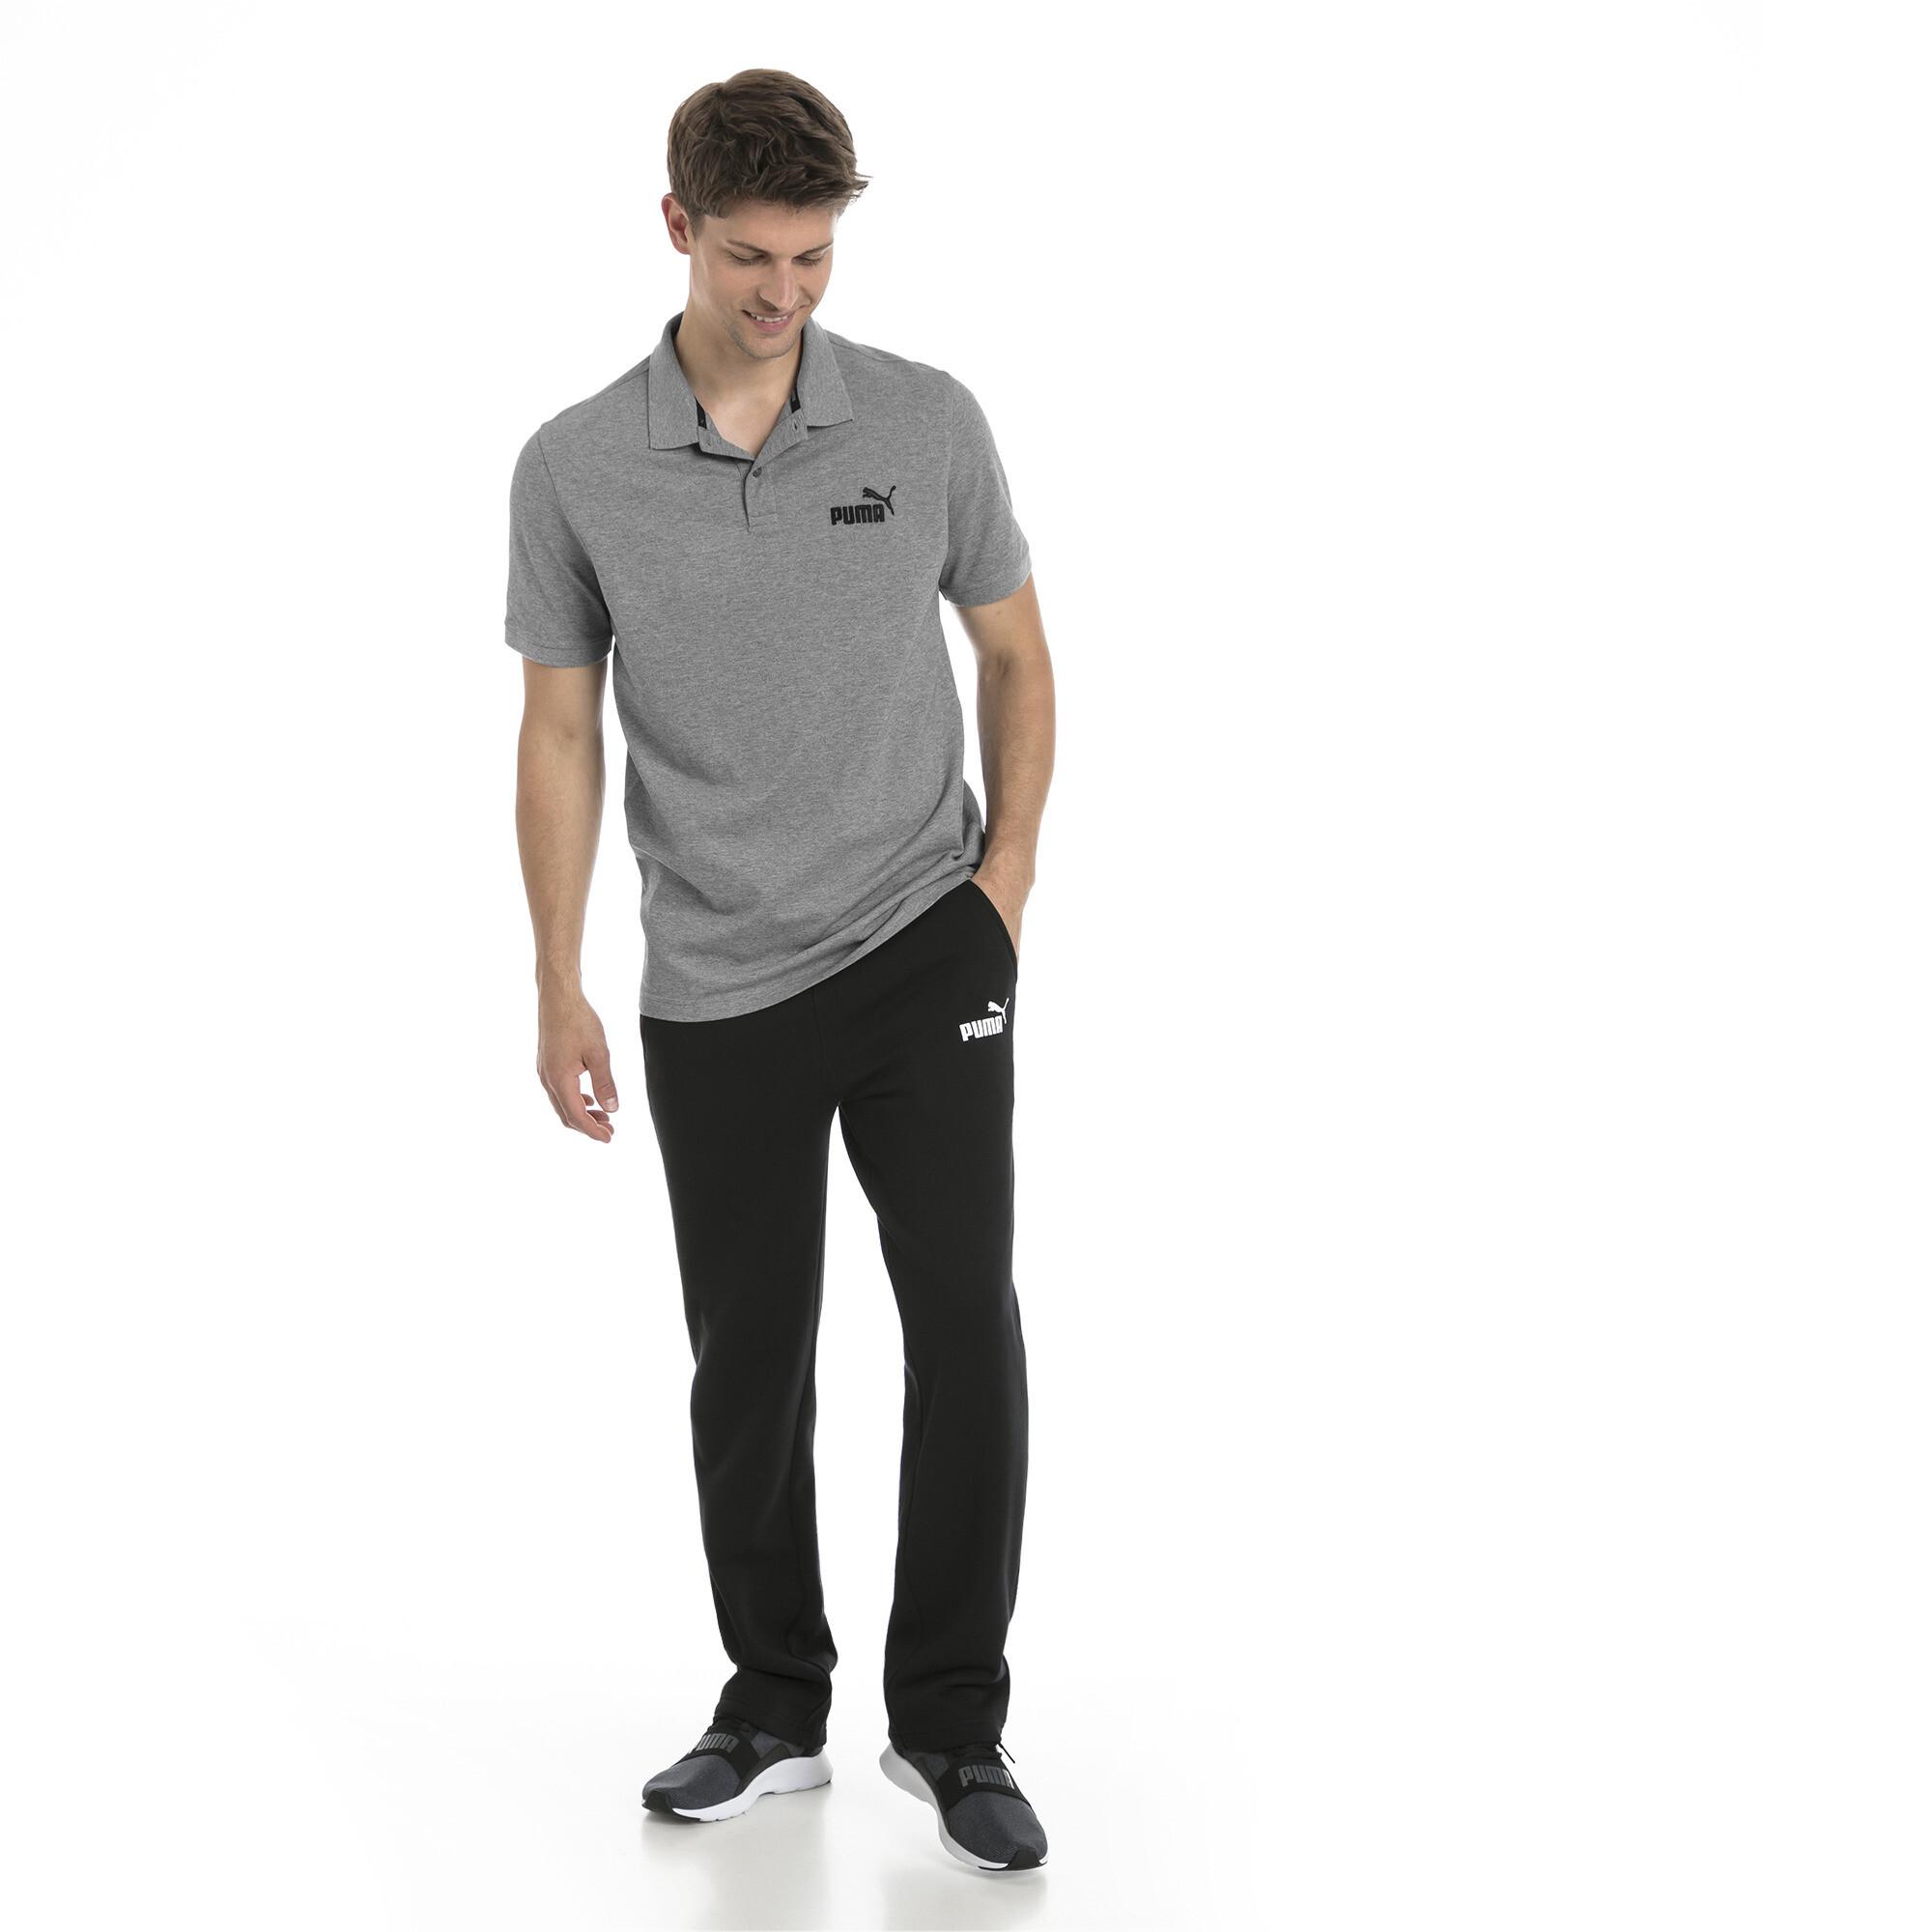 Image Puma Essentials Short Sleeve Men's Polo Shirt #3